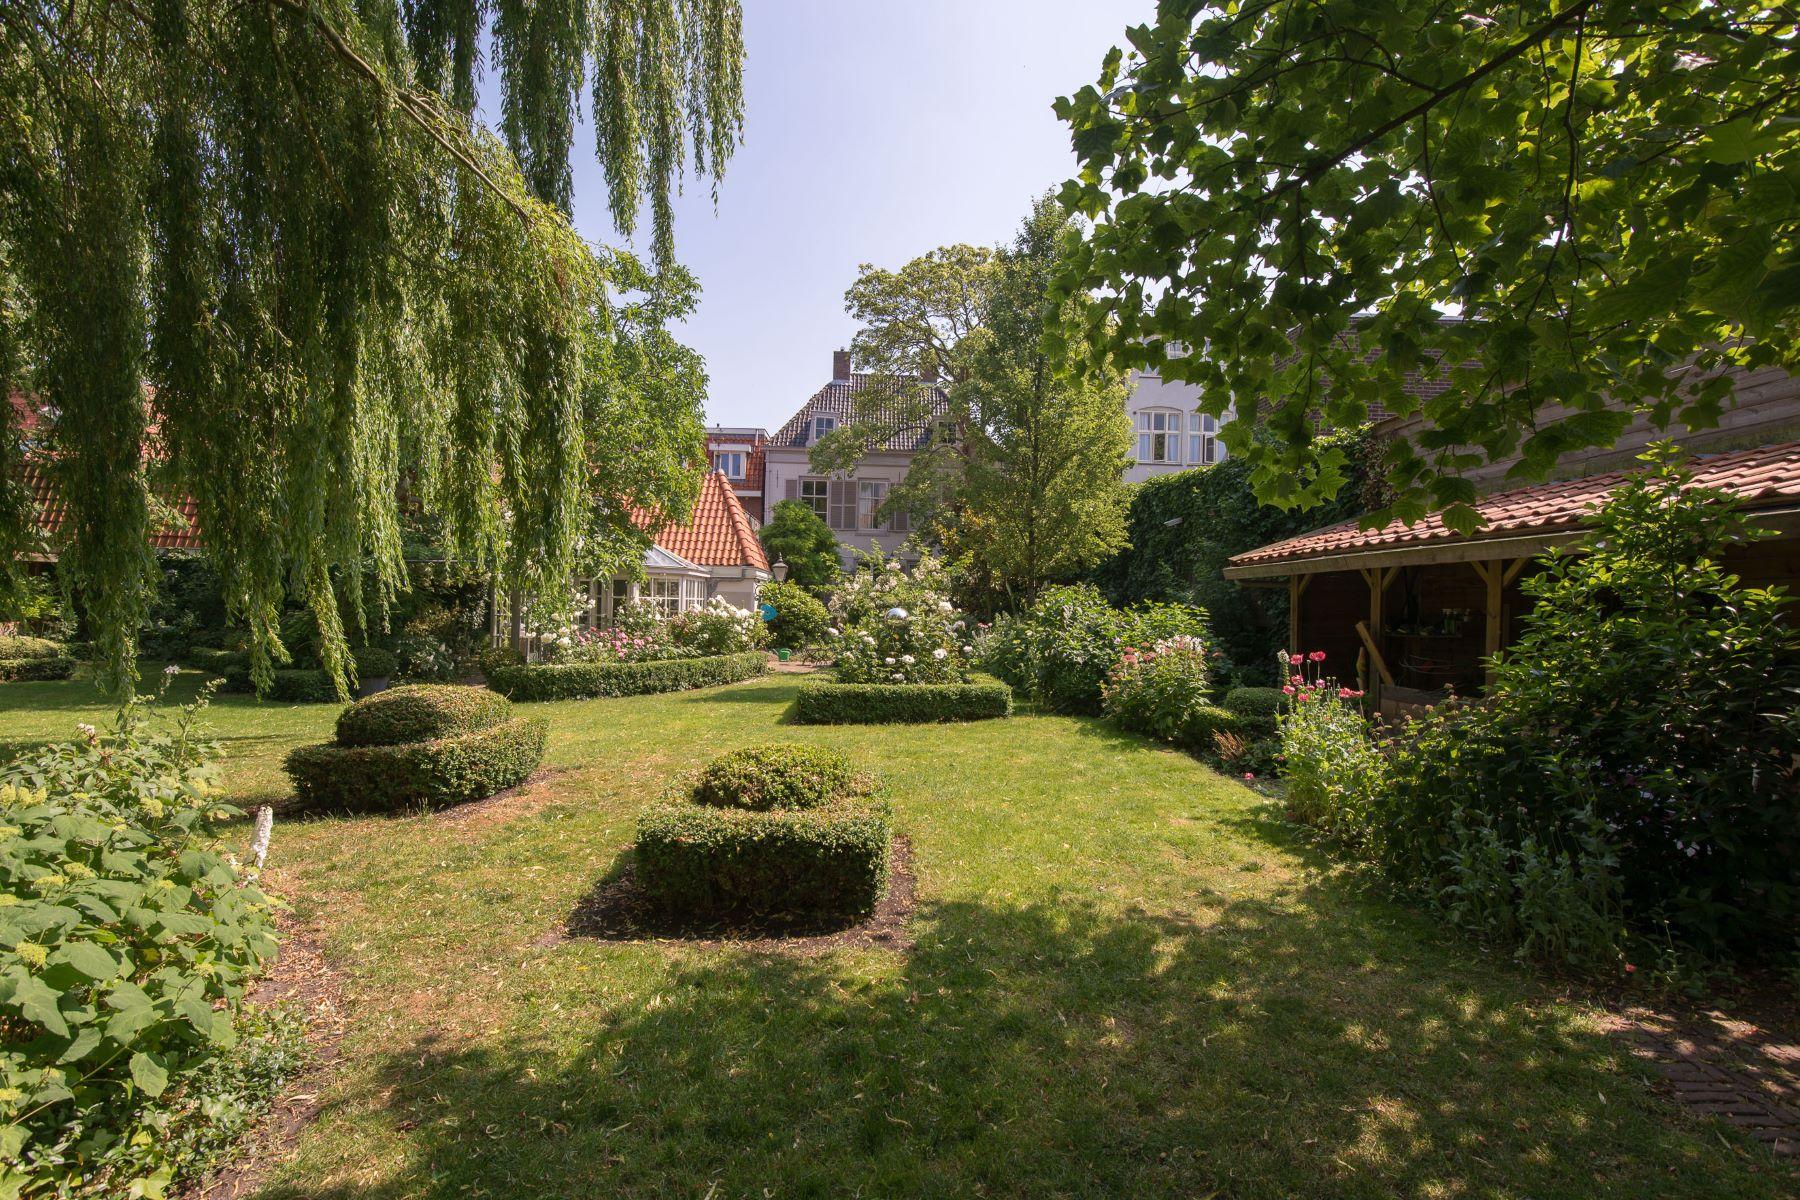 Casa Unifamiliar por un Venta en Monumental Golden-Age Townhouse Gouw 7 Hoorn, North Holland, 1621 HA Países Bajos